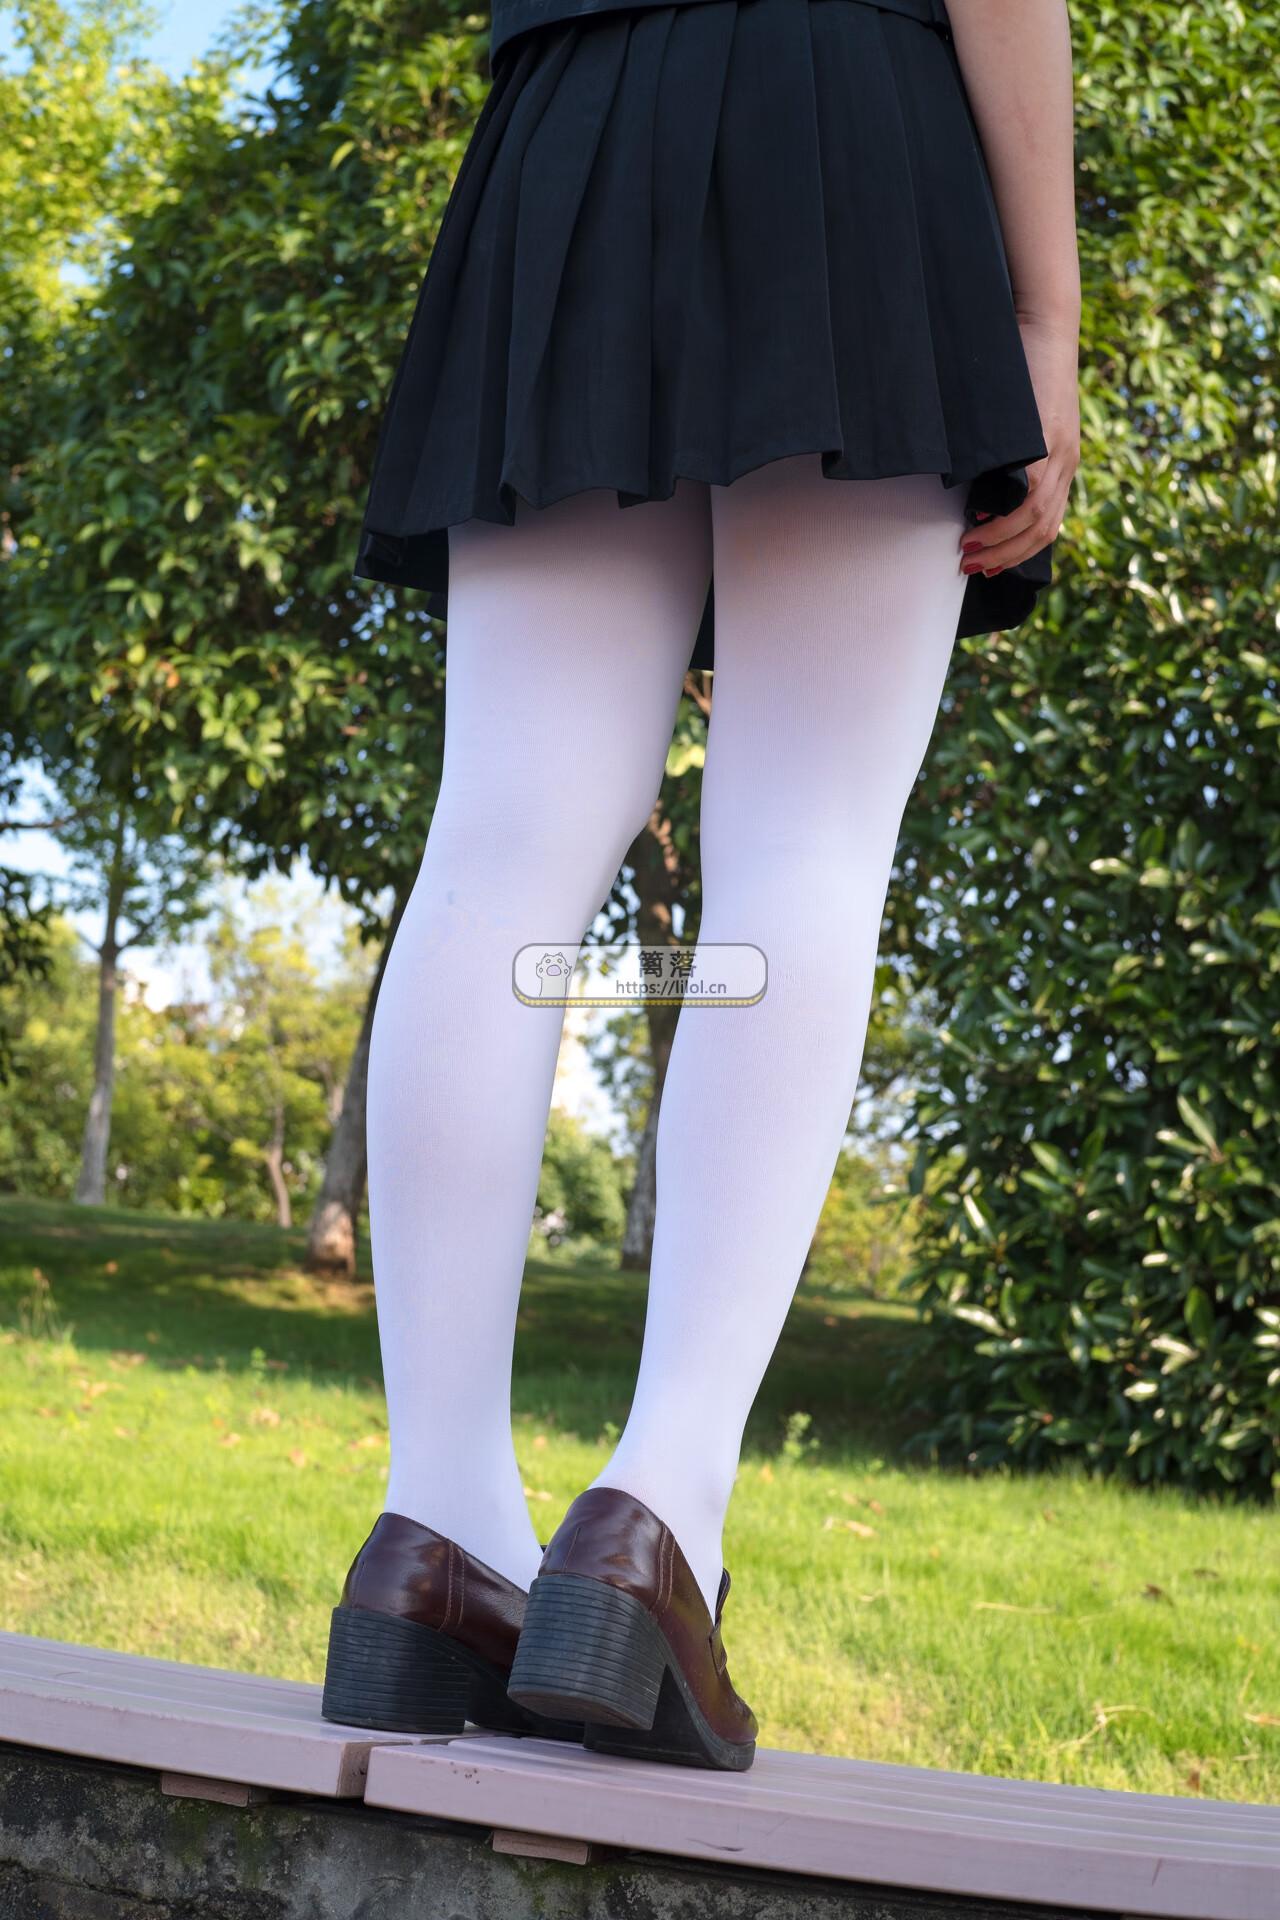 【FREE系列】森萝财团写真 FREE-003 黑色制服白丝长腿室外写真 [39图-0视频-317MB] FREE系列 第5张